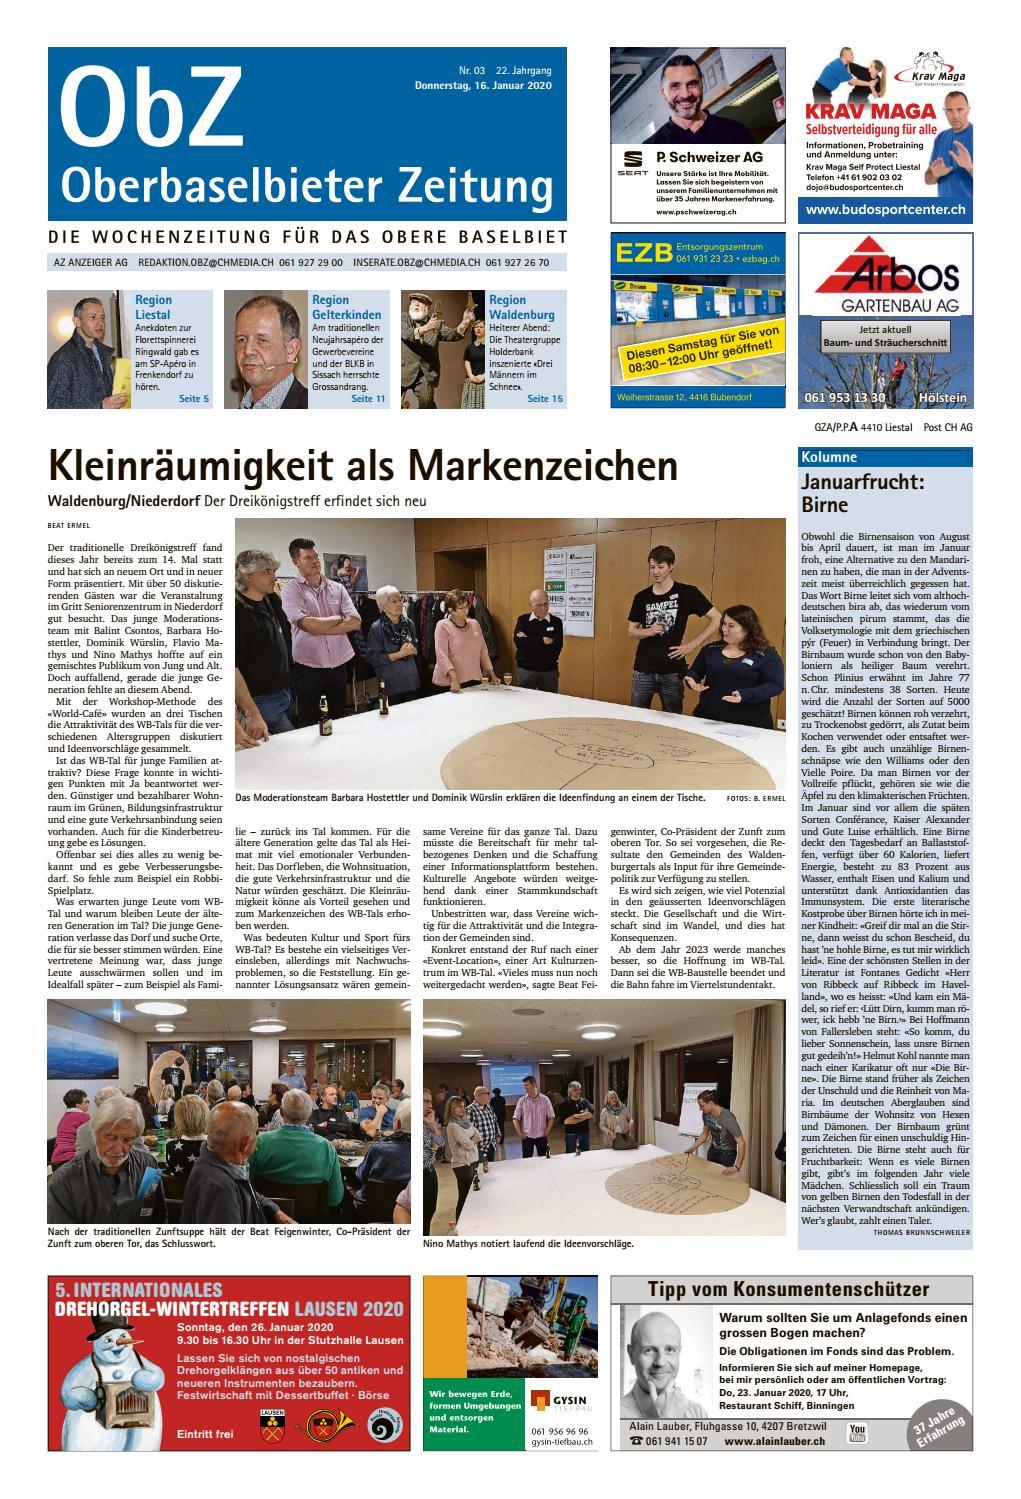 liestal-sissach - Schweizerisches Vereinsportal, Miplan AG